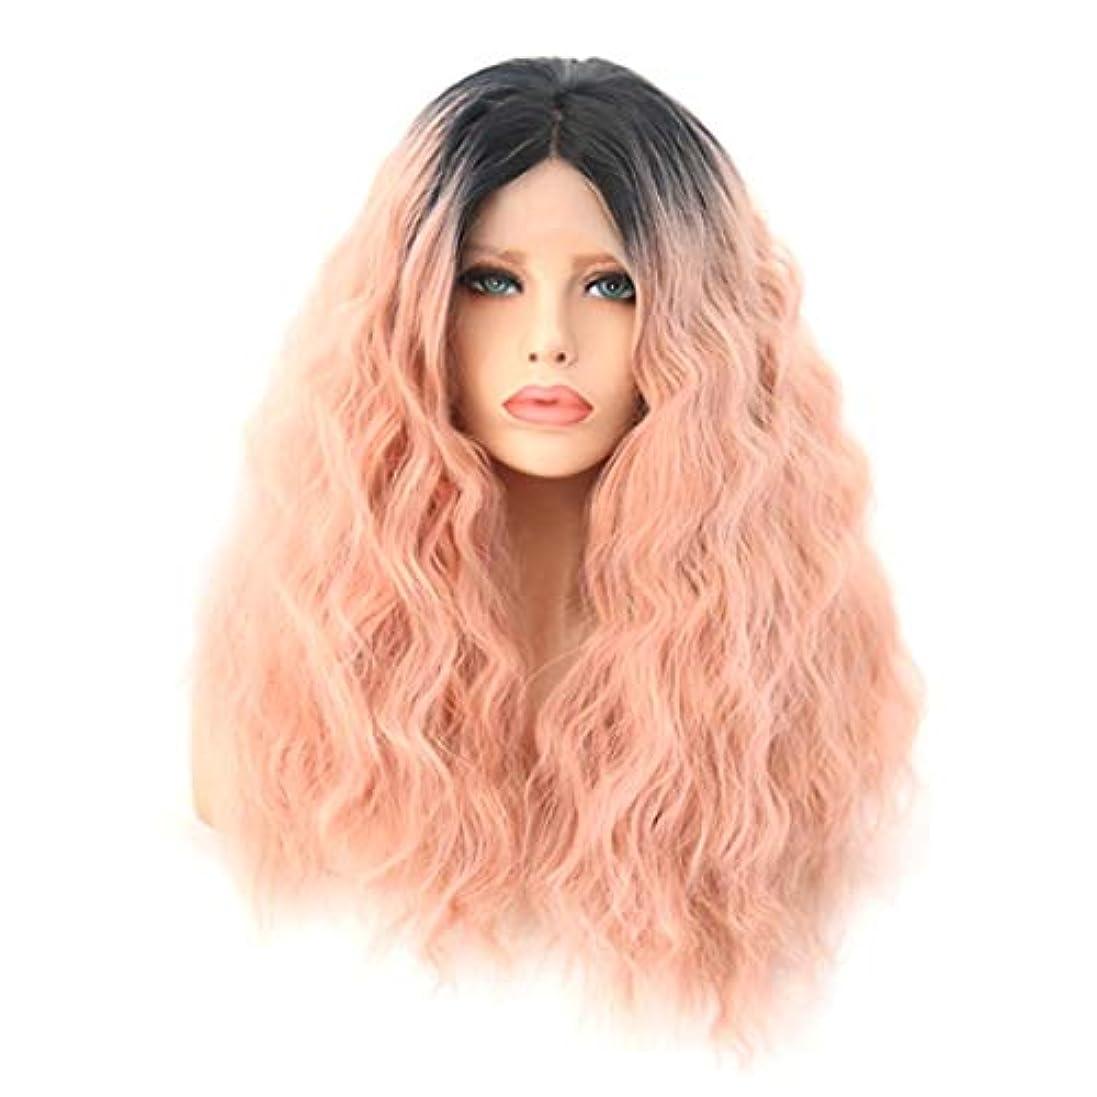 置くためにパックますますためにSummerys 女性のための自然な探している前部レースの合成繊維の毛髪のかつらと長い巻き毛のかつらのかつらの代わりのかつら (Size : 18 inches)